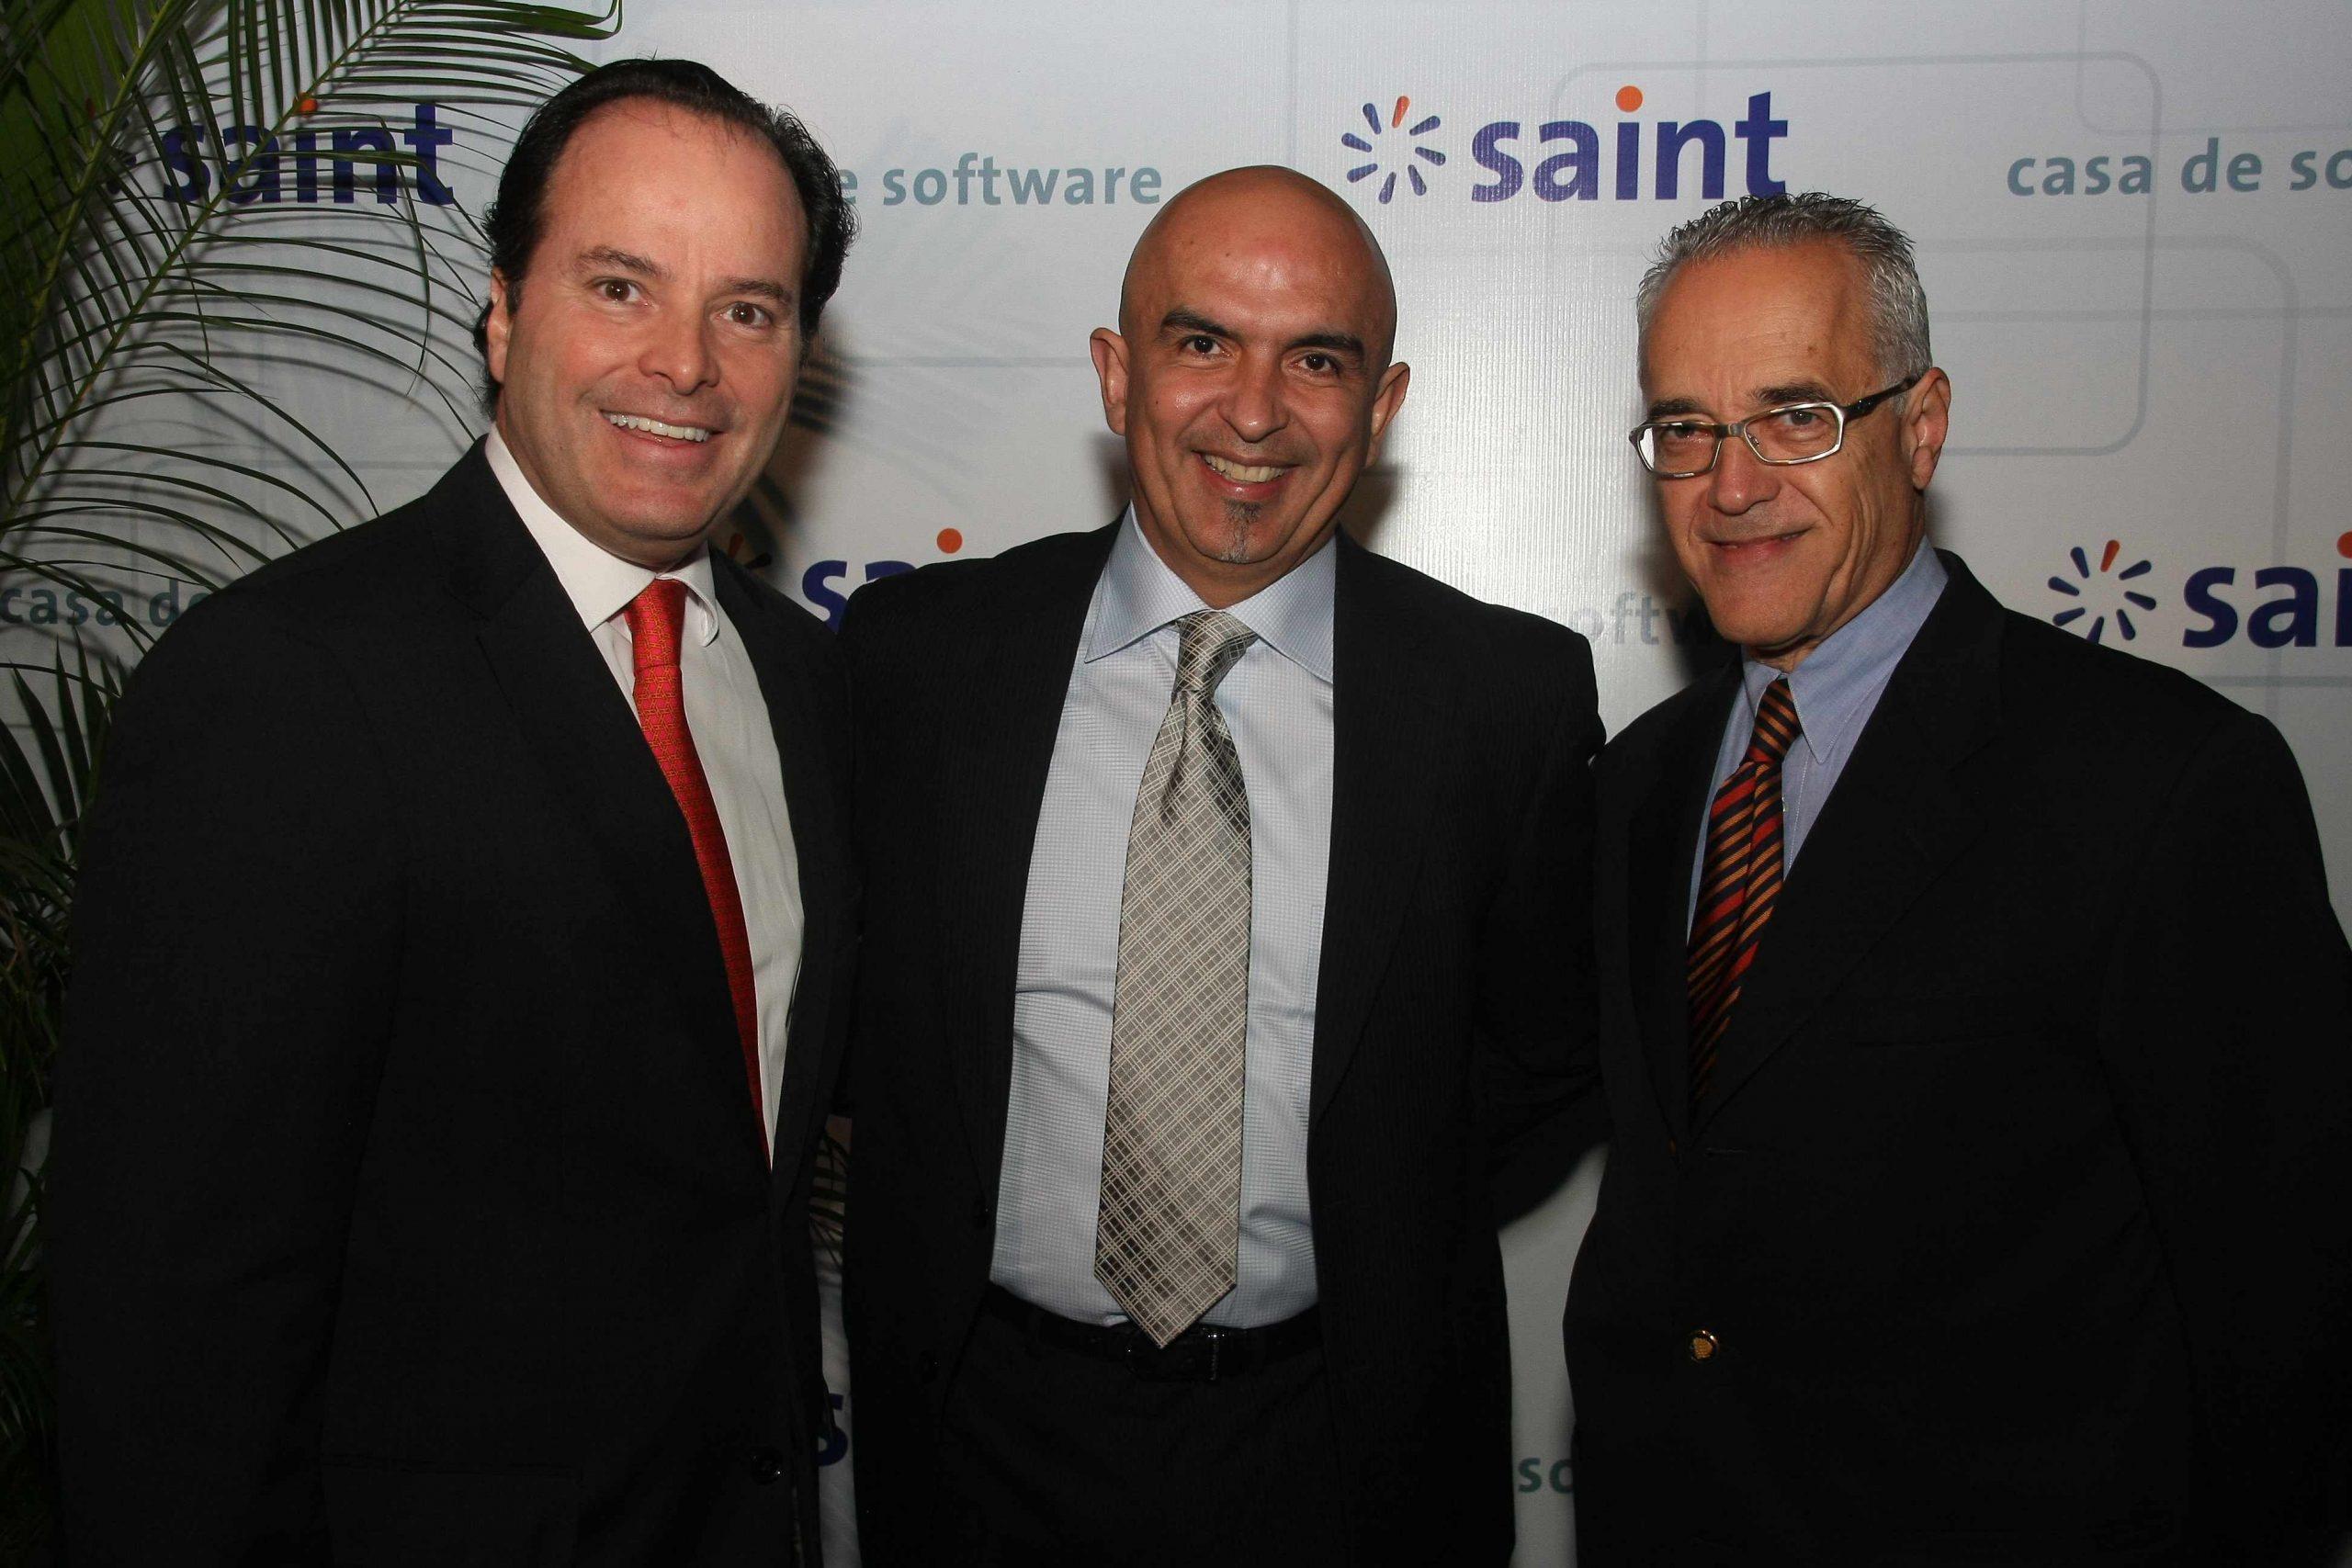 Publicadas las fotos del lanzamiento saint 2012 en Facebook